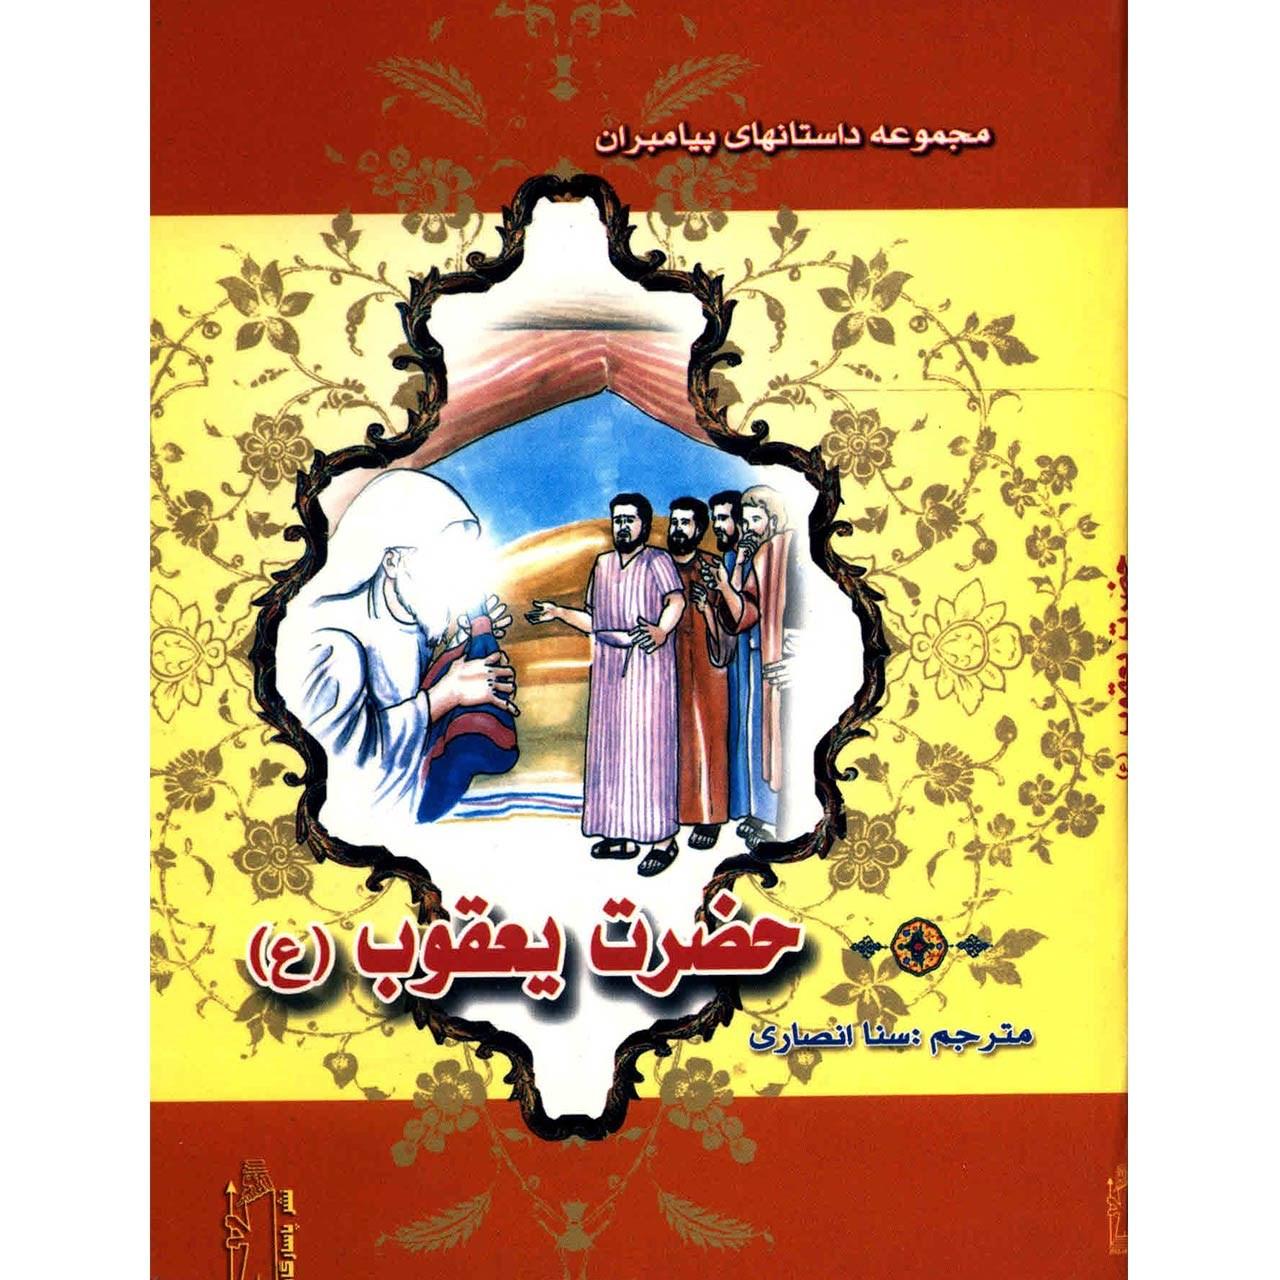 خرید                      کتاب حضرت یعقوب اثر نضال علی